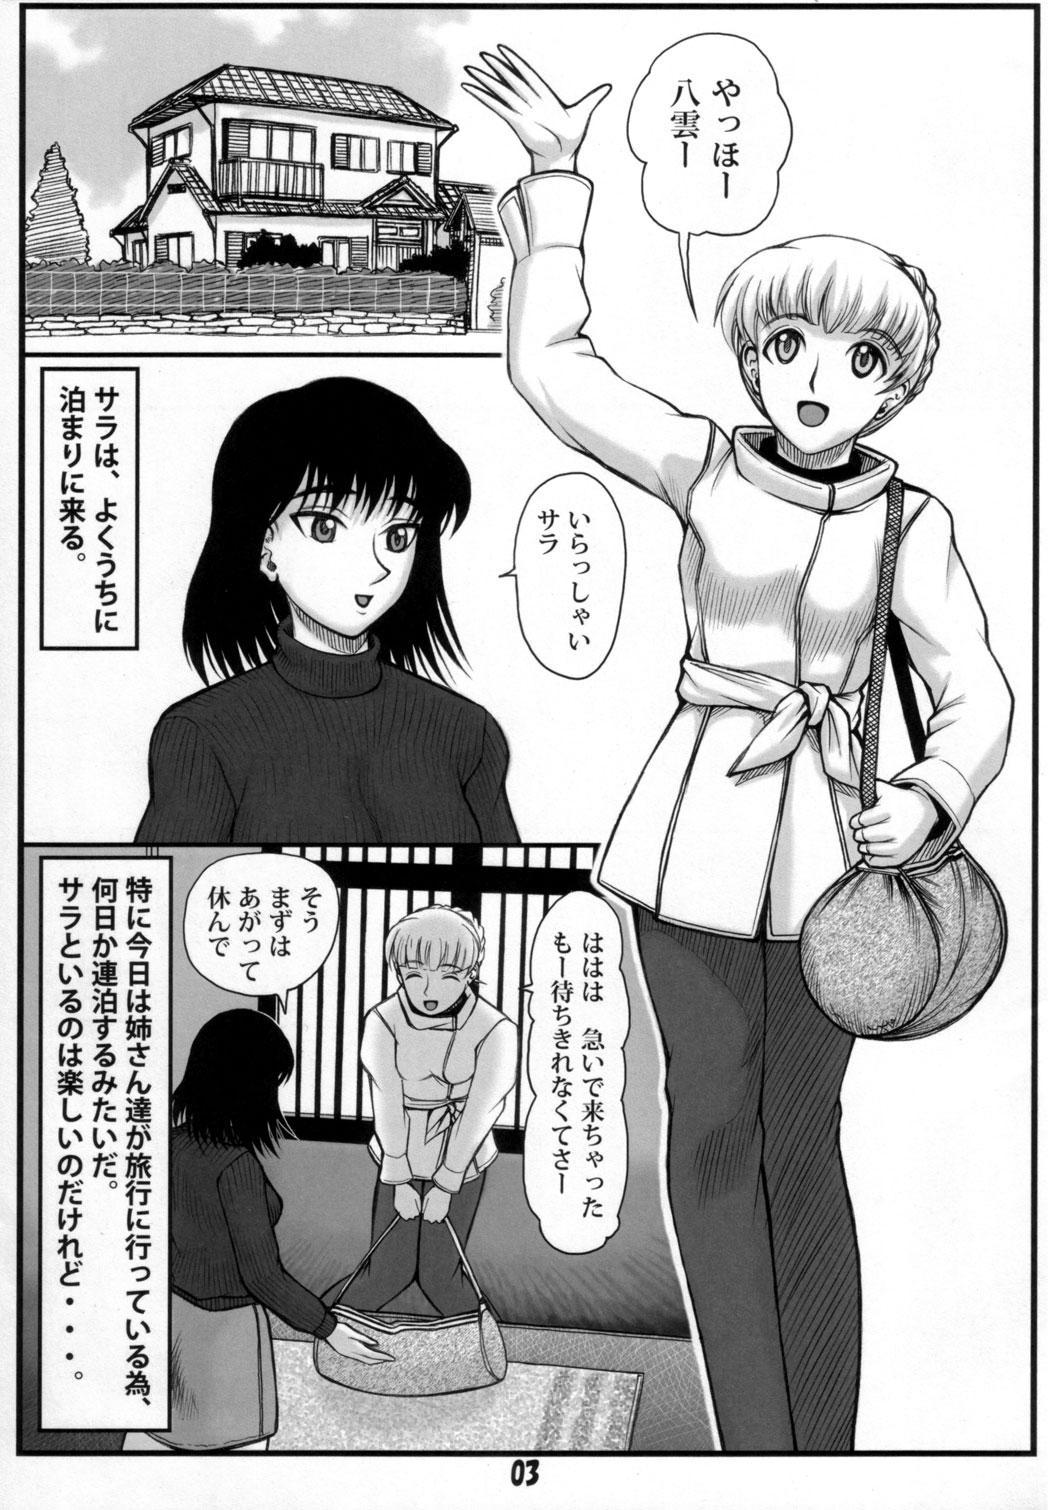 Yakumo to Sara no Futafuta Otomarikai 1